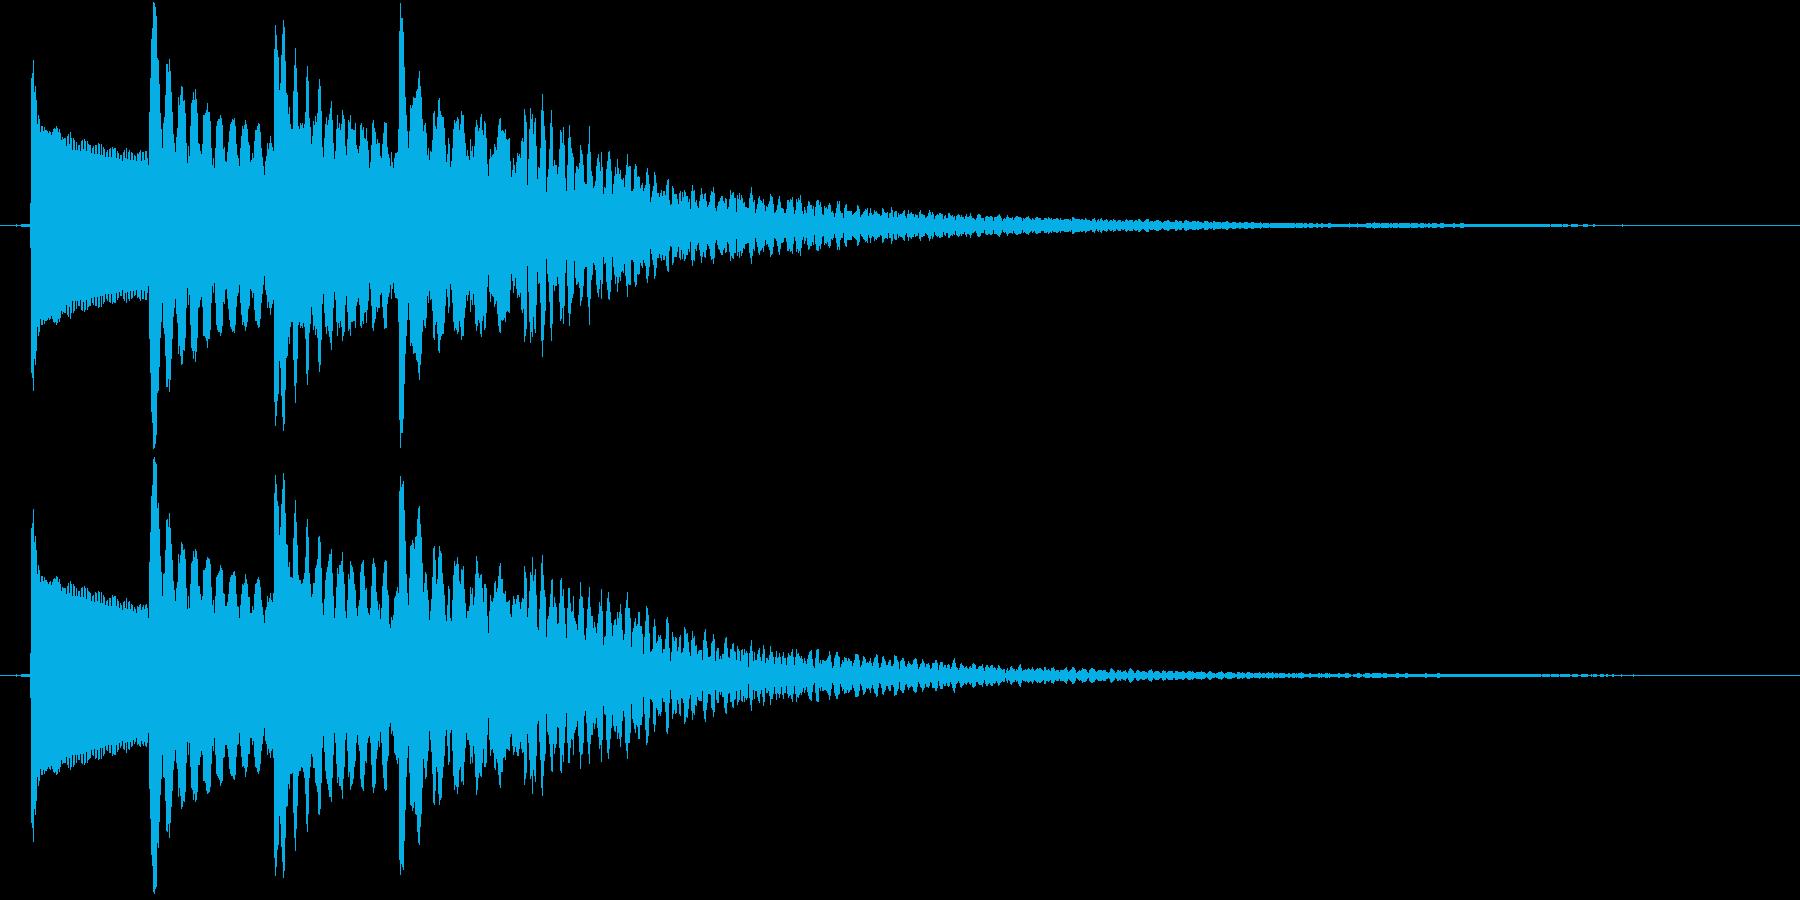 トゥルルルルン♪【オルゴール】流れ星などの再生済みの波形